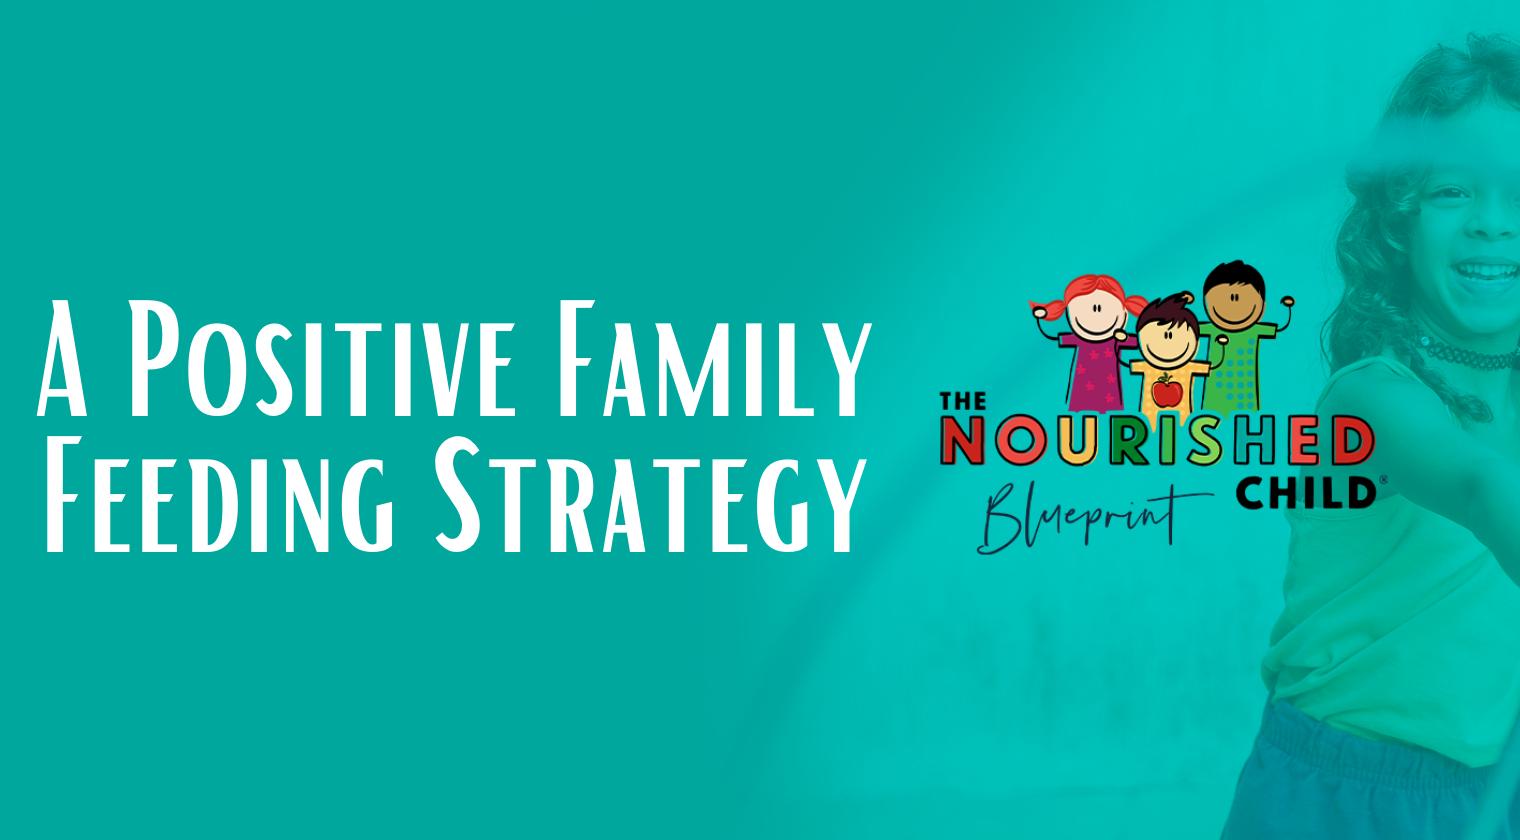 A Positive Family Feeding Strategy - TNCB